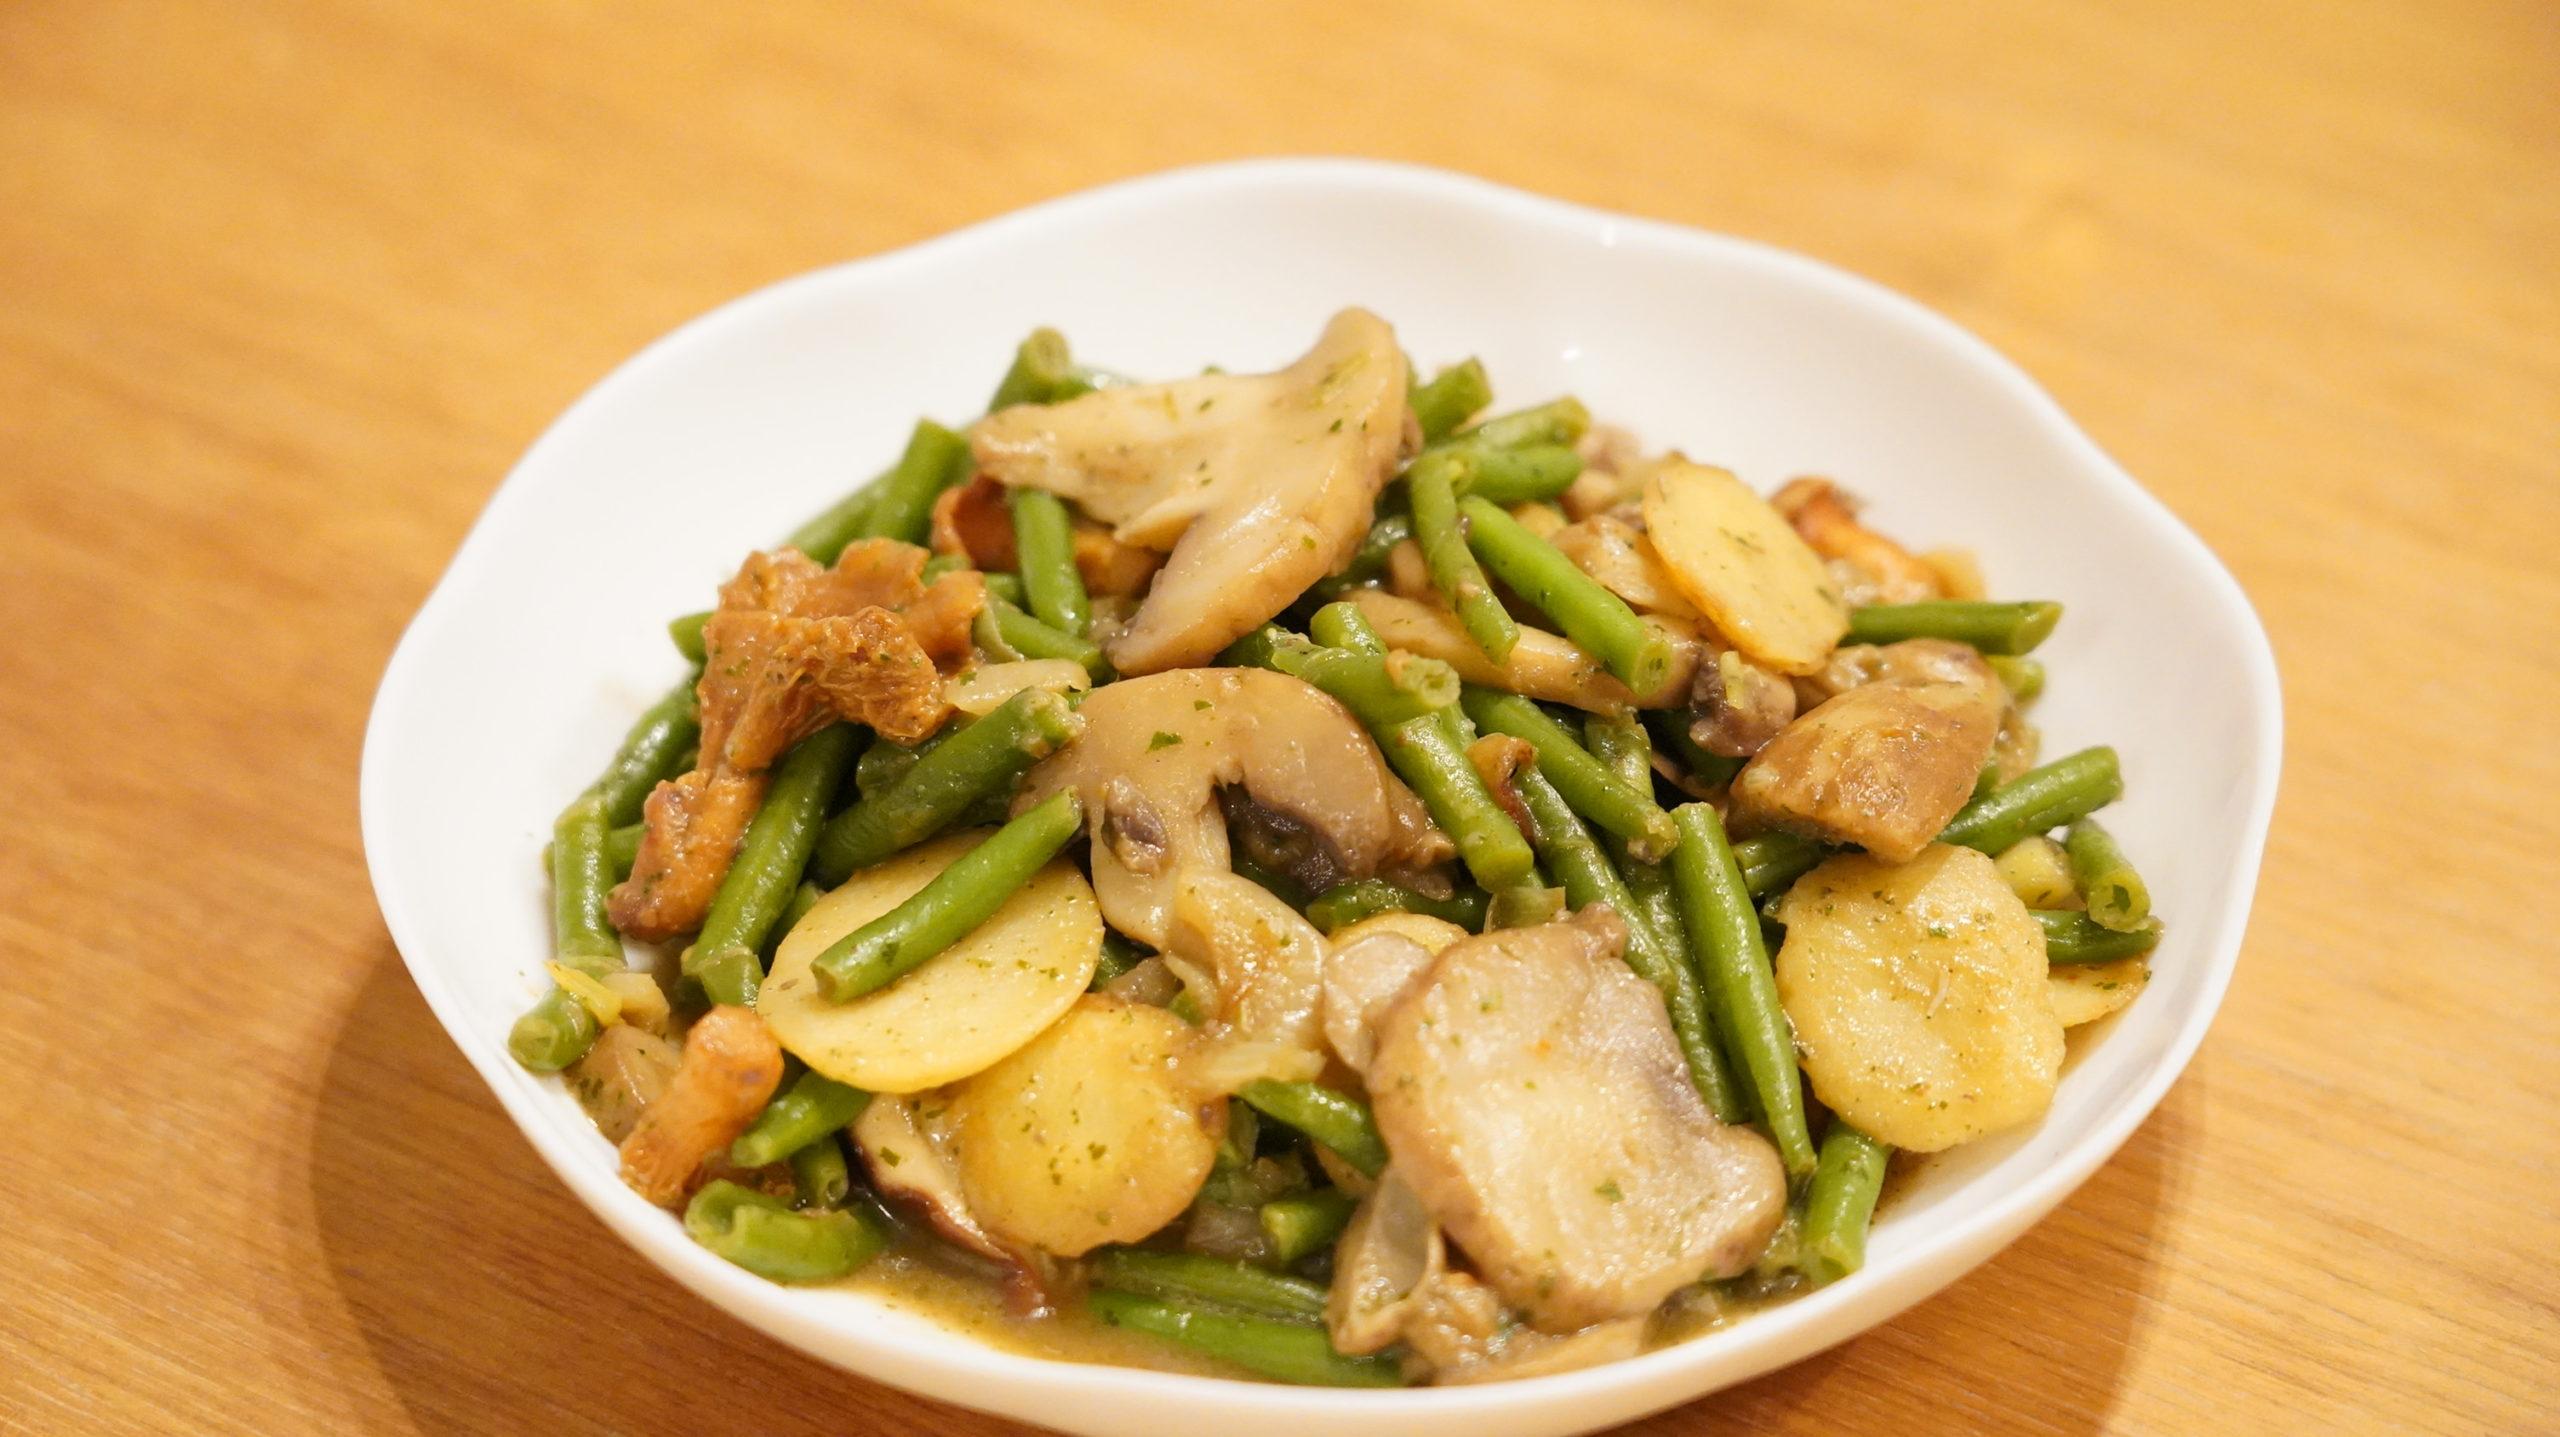 ピカールの冷凍食品「付合せ野菜ミックス(ジャガイモ、インゲン、キノコ)」を前から撮影した写真